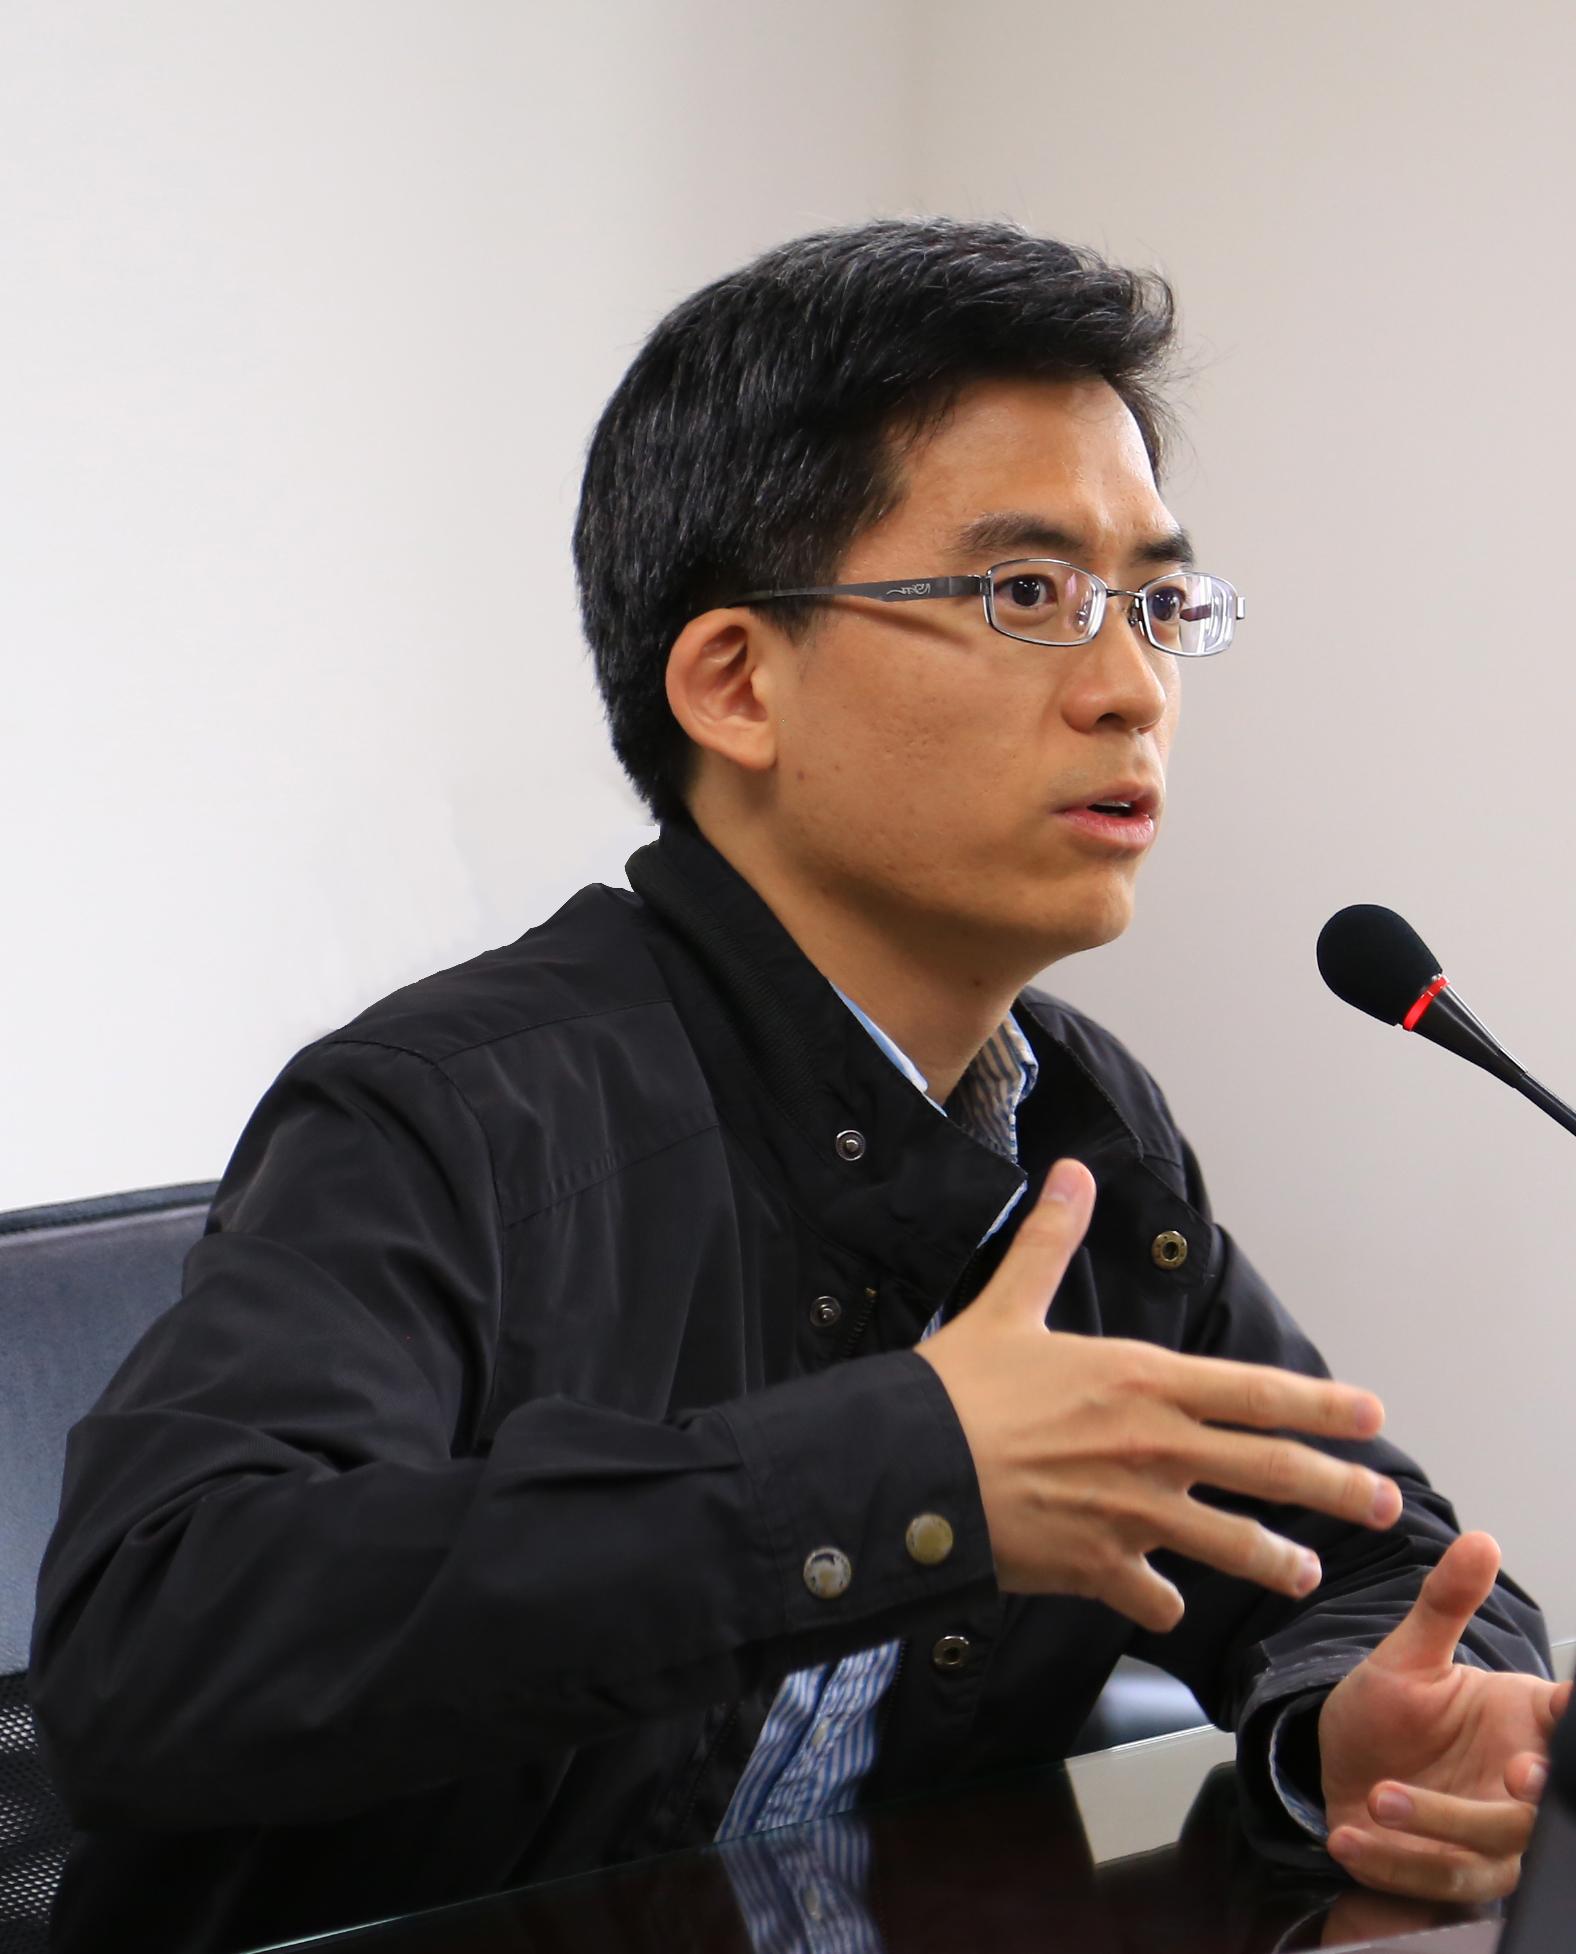 Yung-Djong Shaw